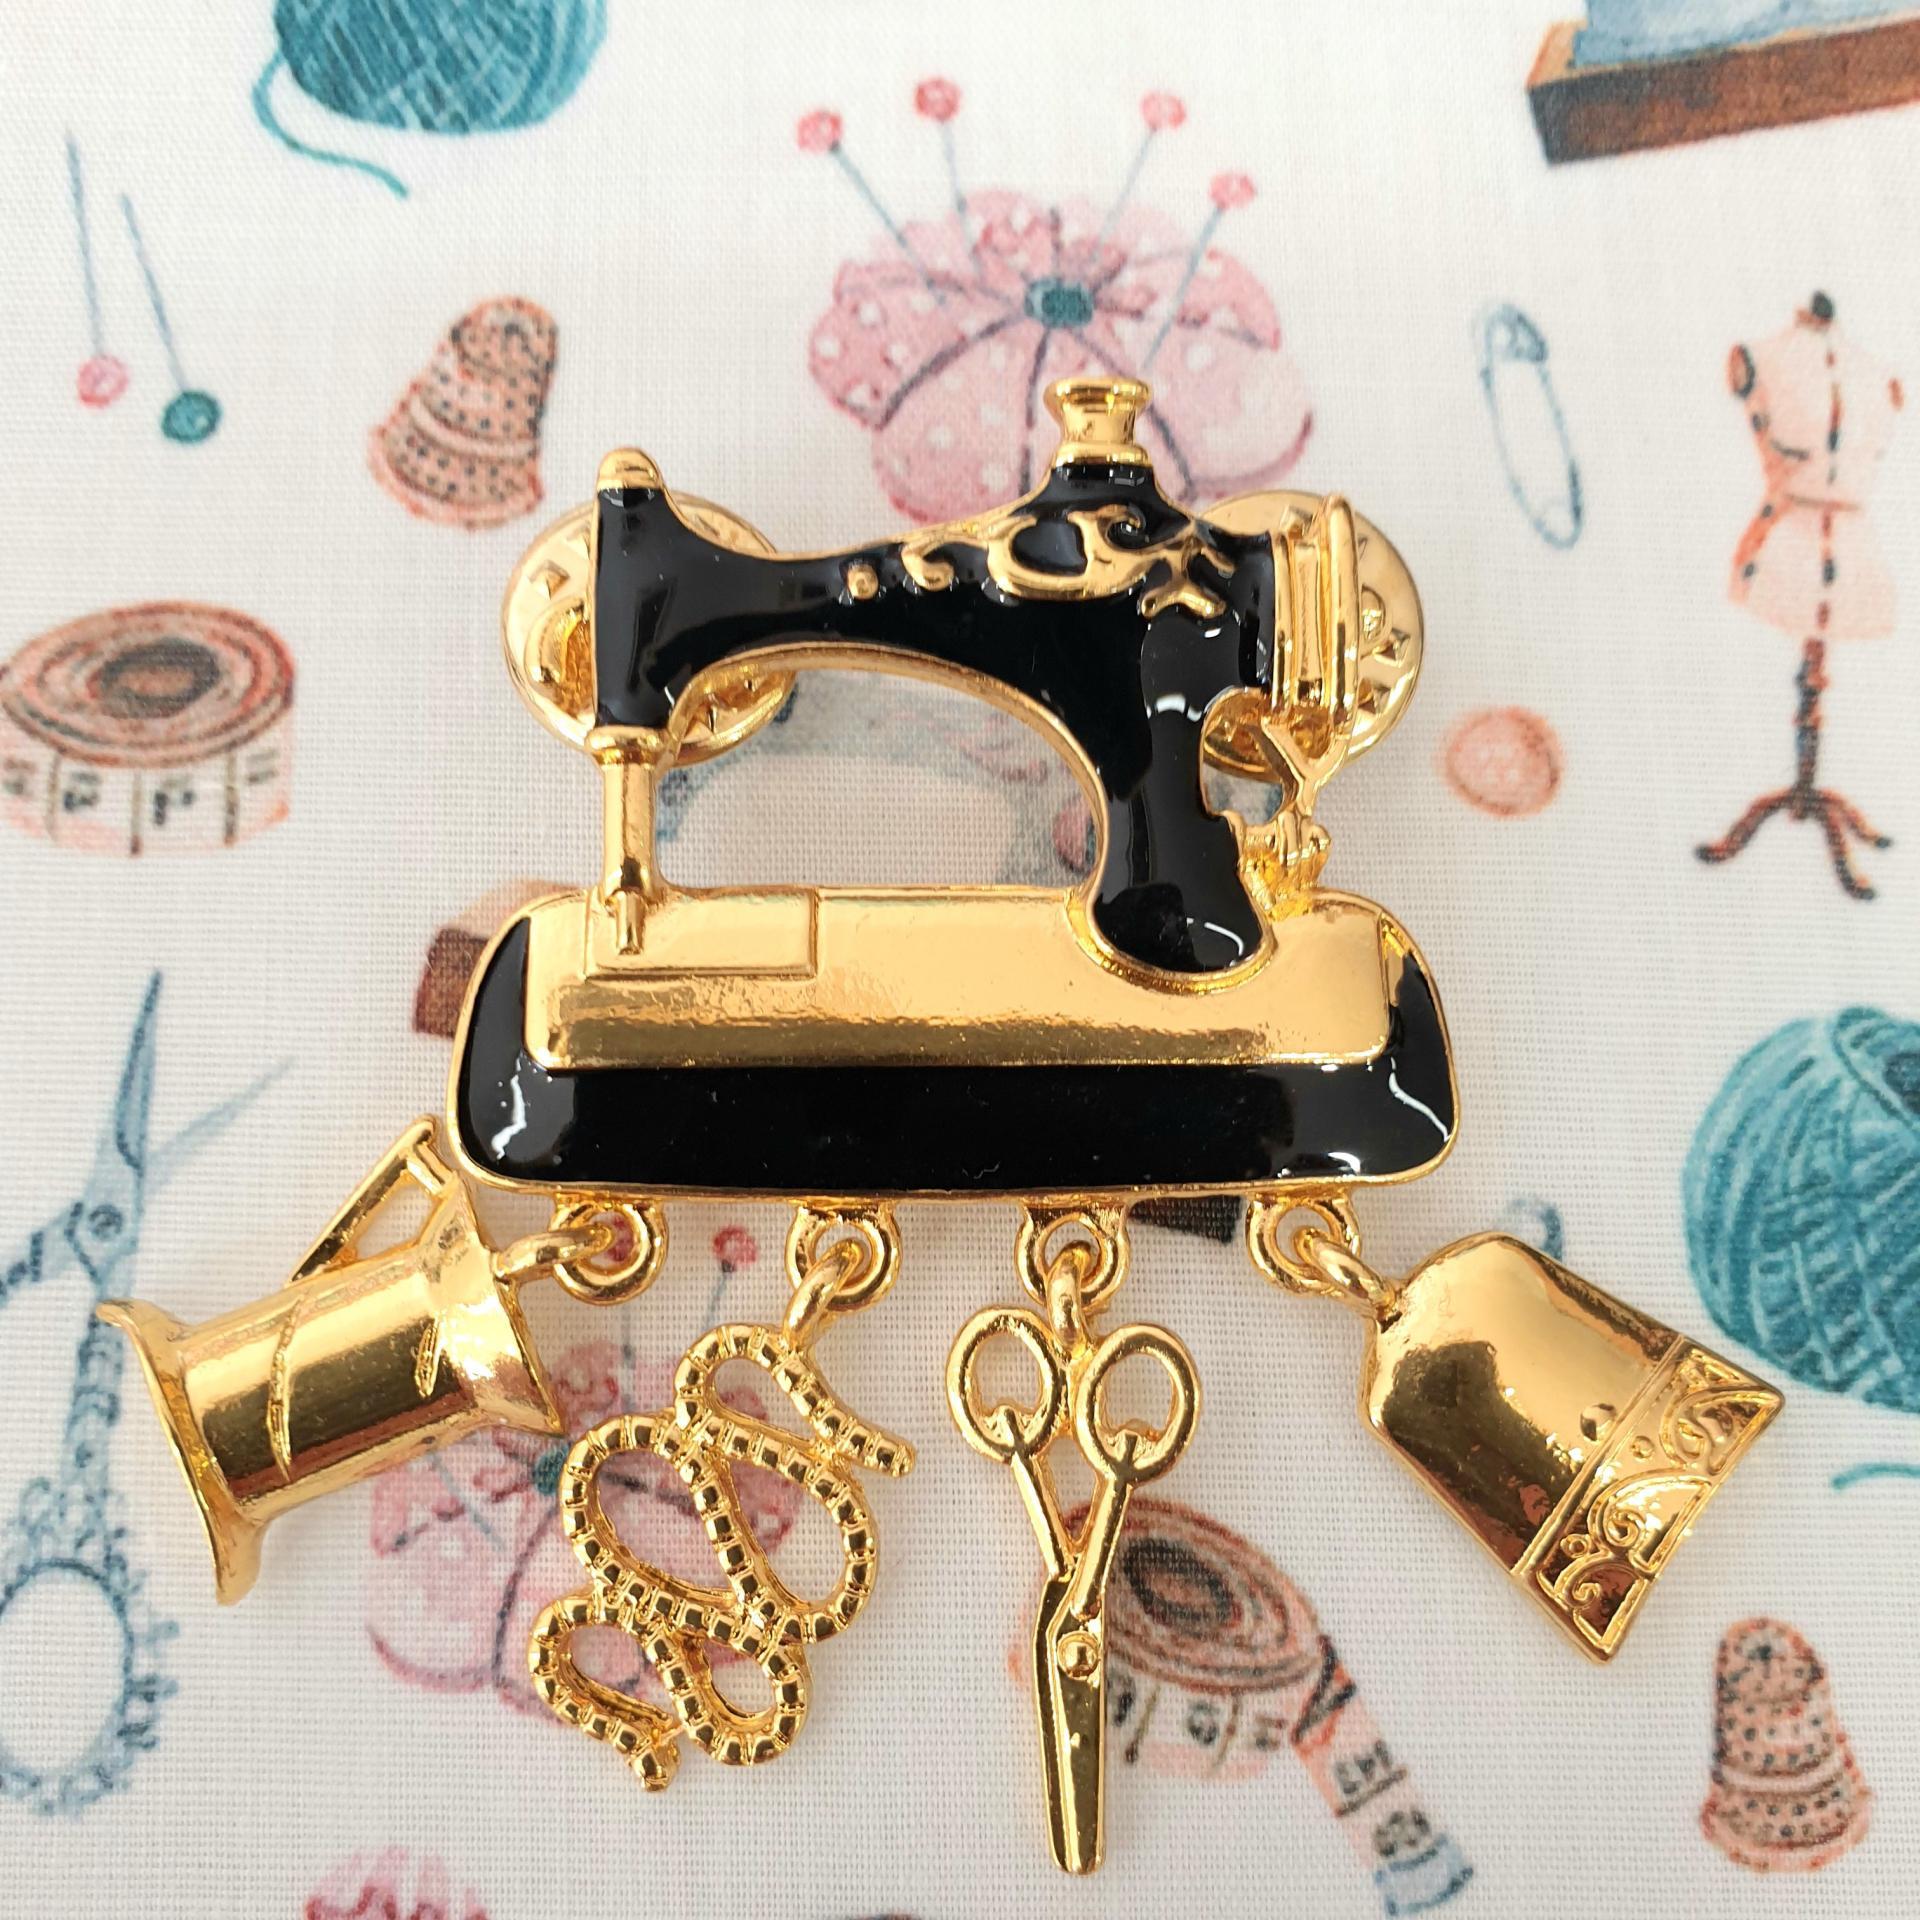 Pins de costura - Maquina de coser Gold